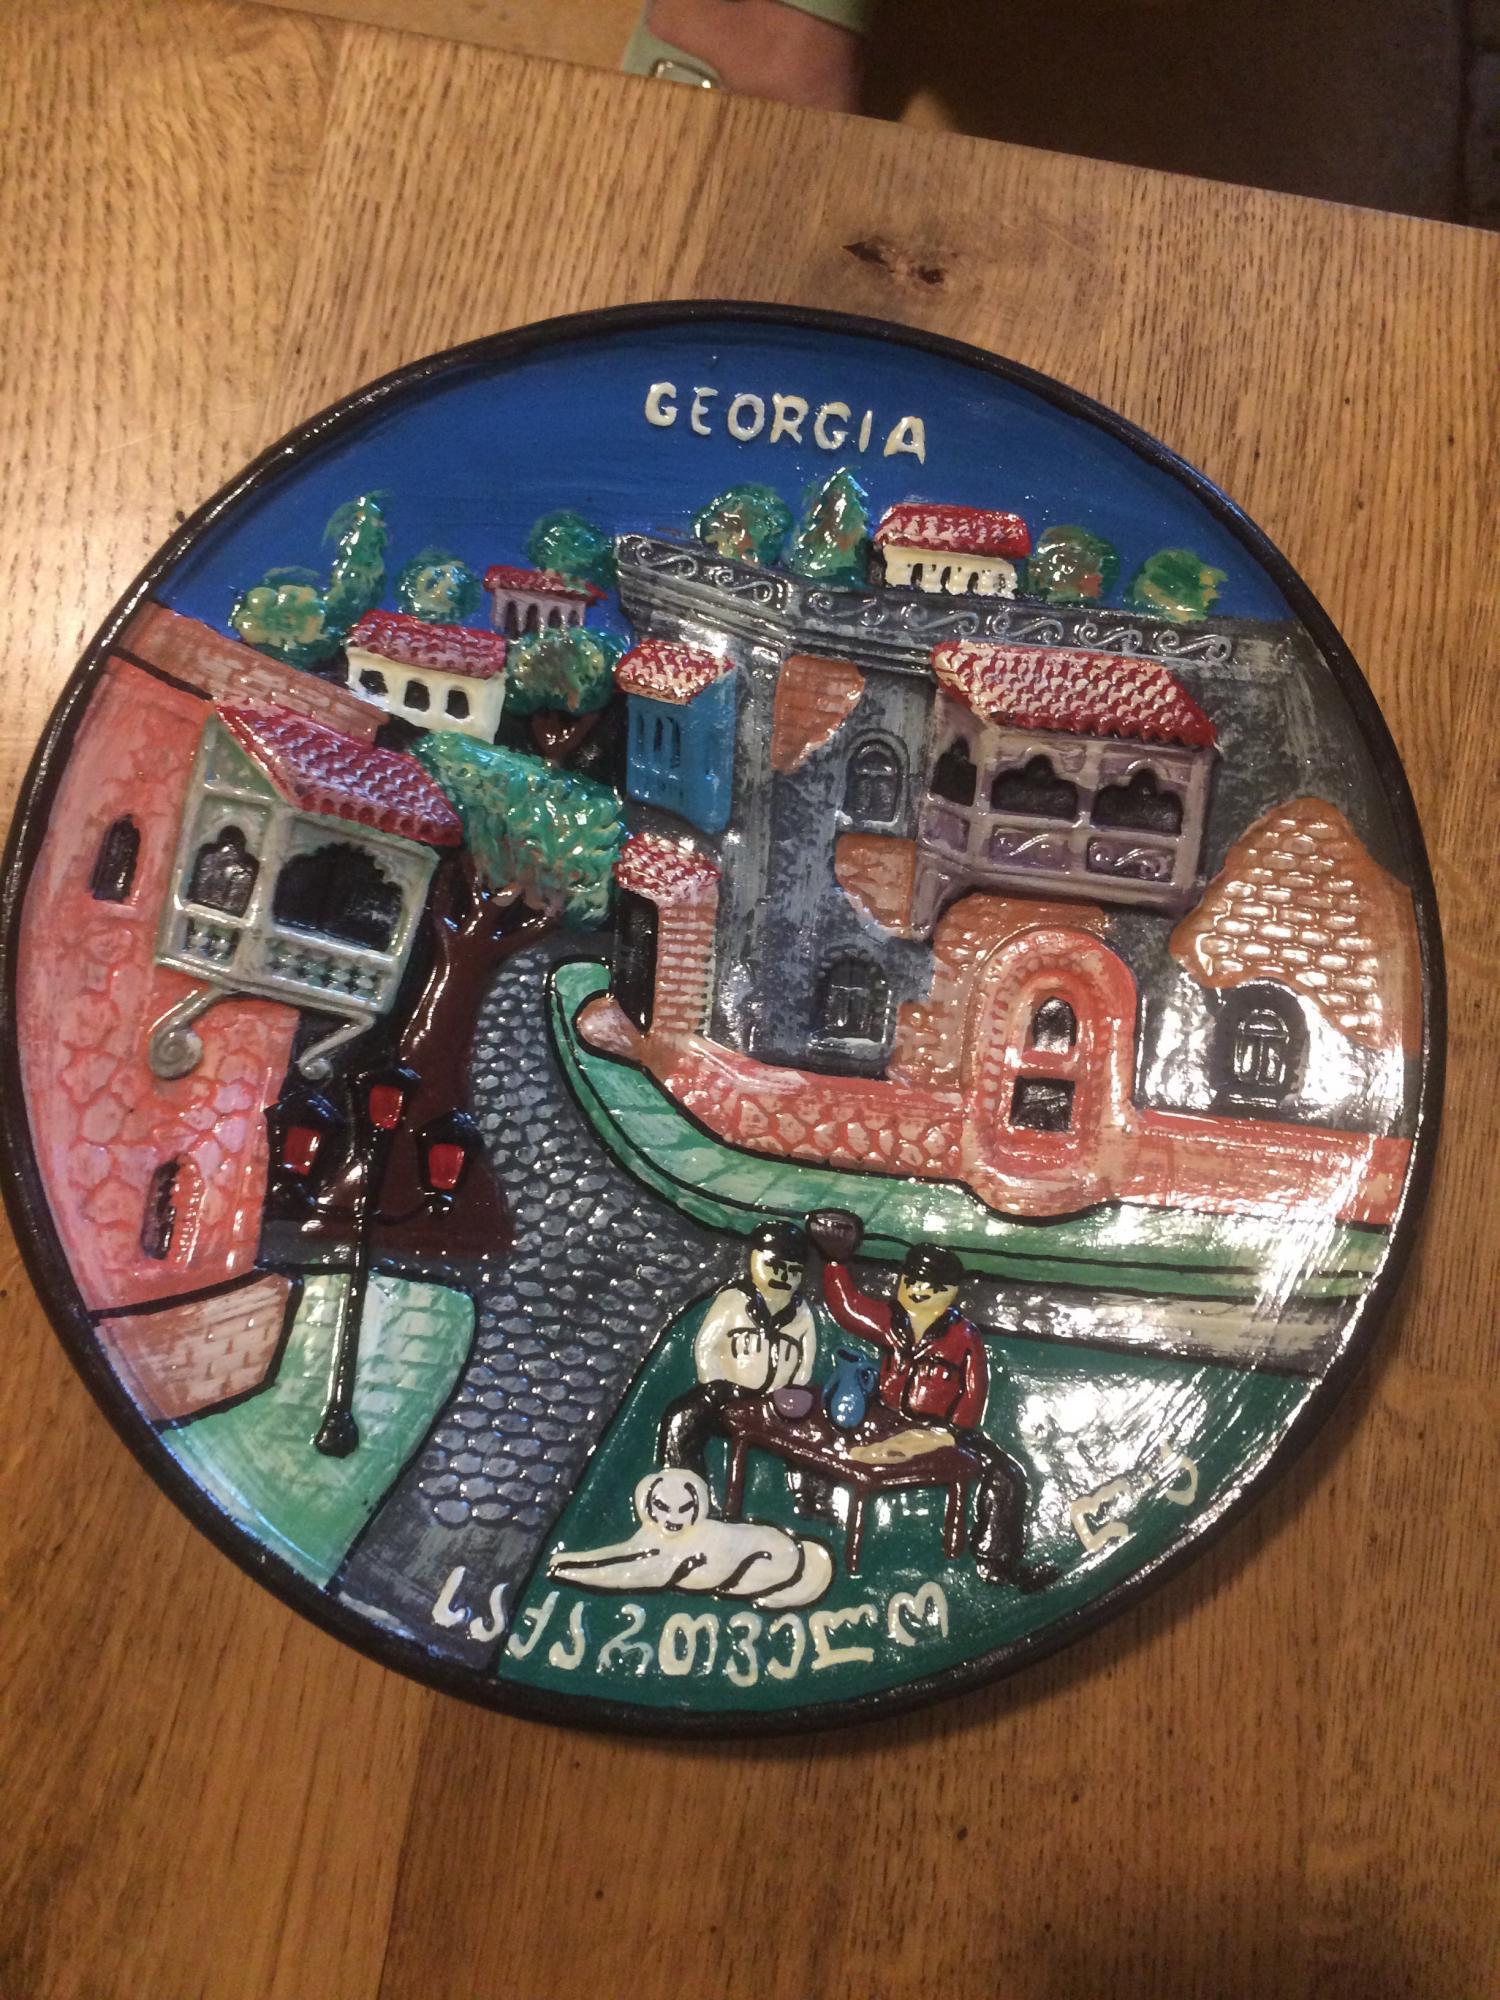 Сувенирная Тарелка из Грузии в Москве 89032171123 купить 1